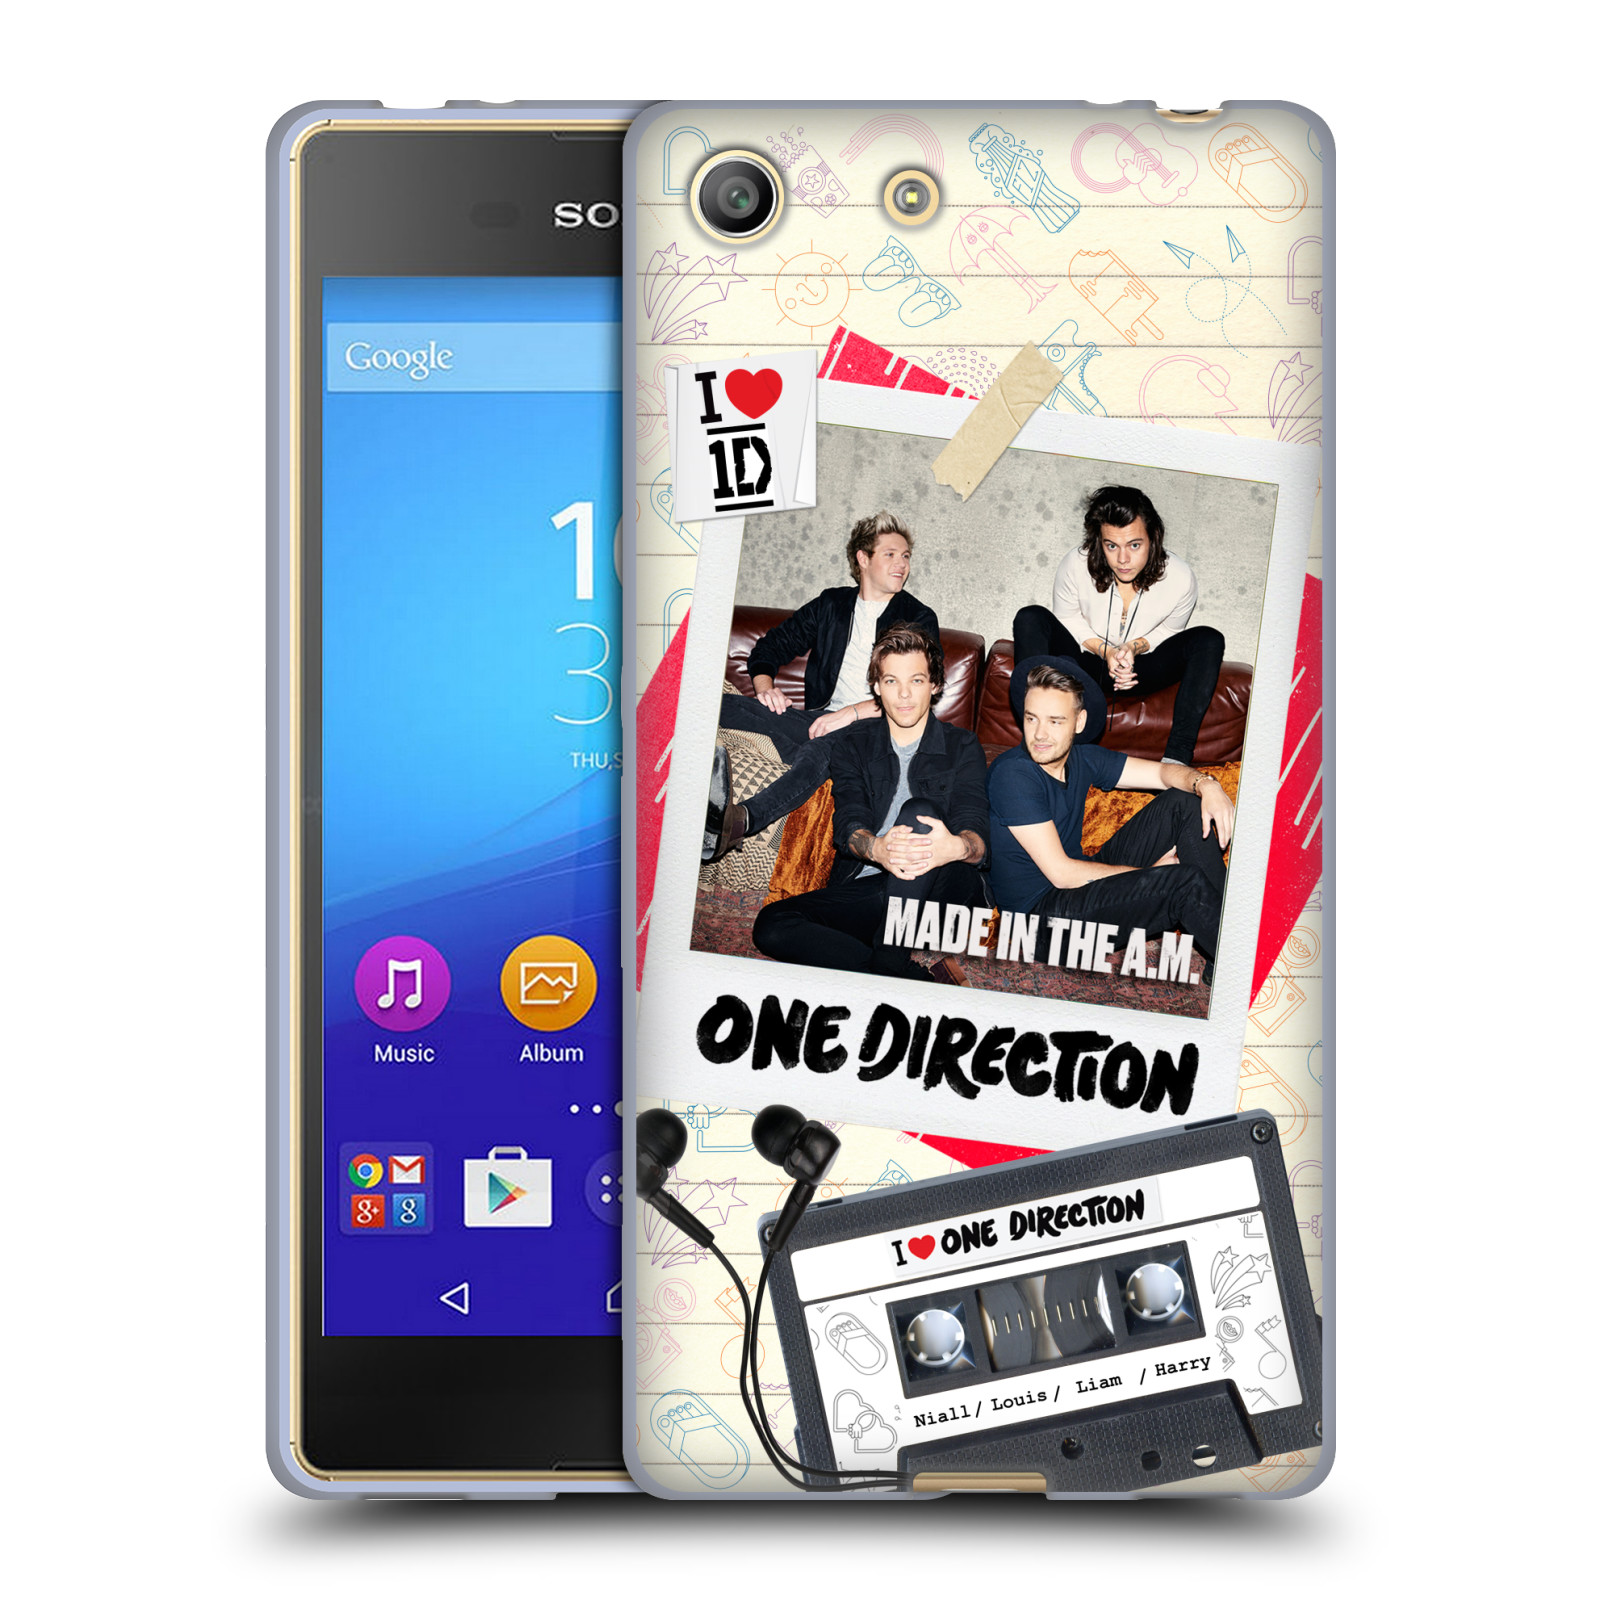 Silikonové pouzdro na mobil Sony Xperia M5 HEAD CASE One Direction - Kazeta (Silikonový kryt či obal One Direction Official na mobilní telefon Sony Xperia M5 Dual SIM / Aqua)